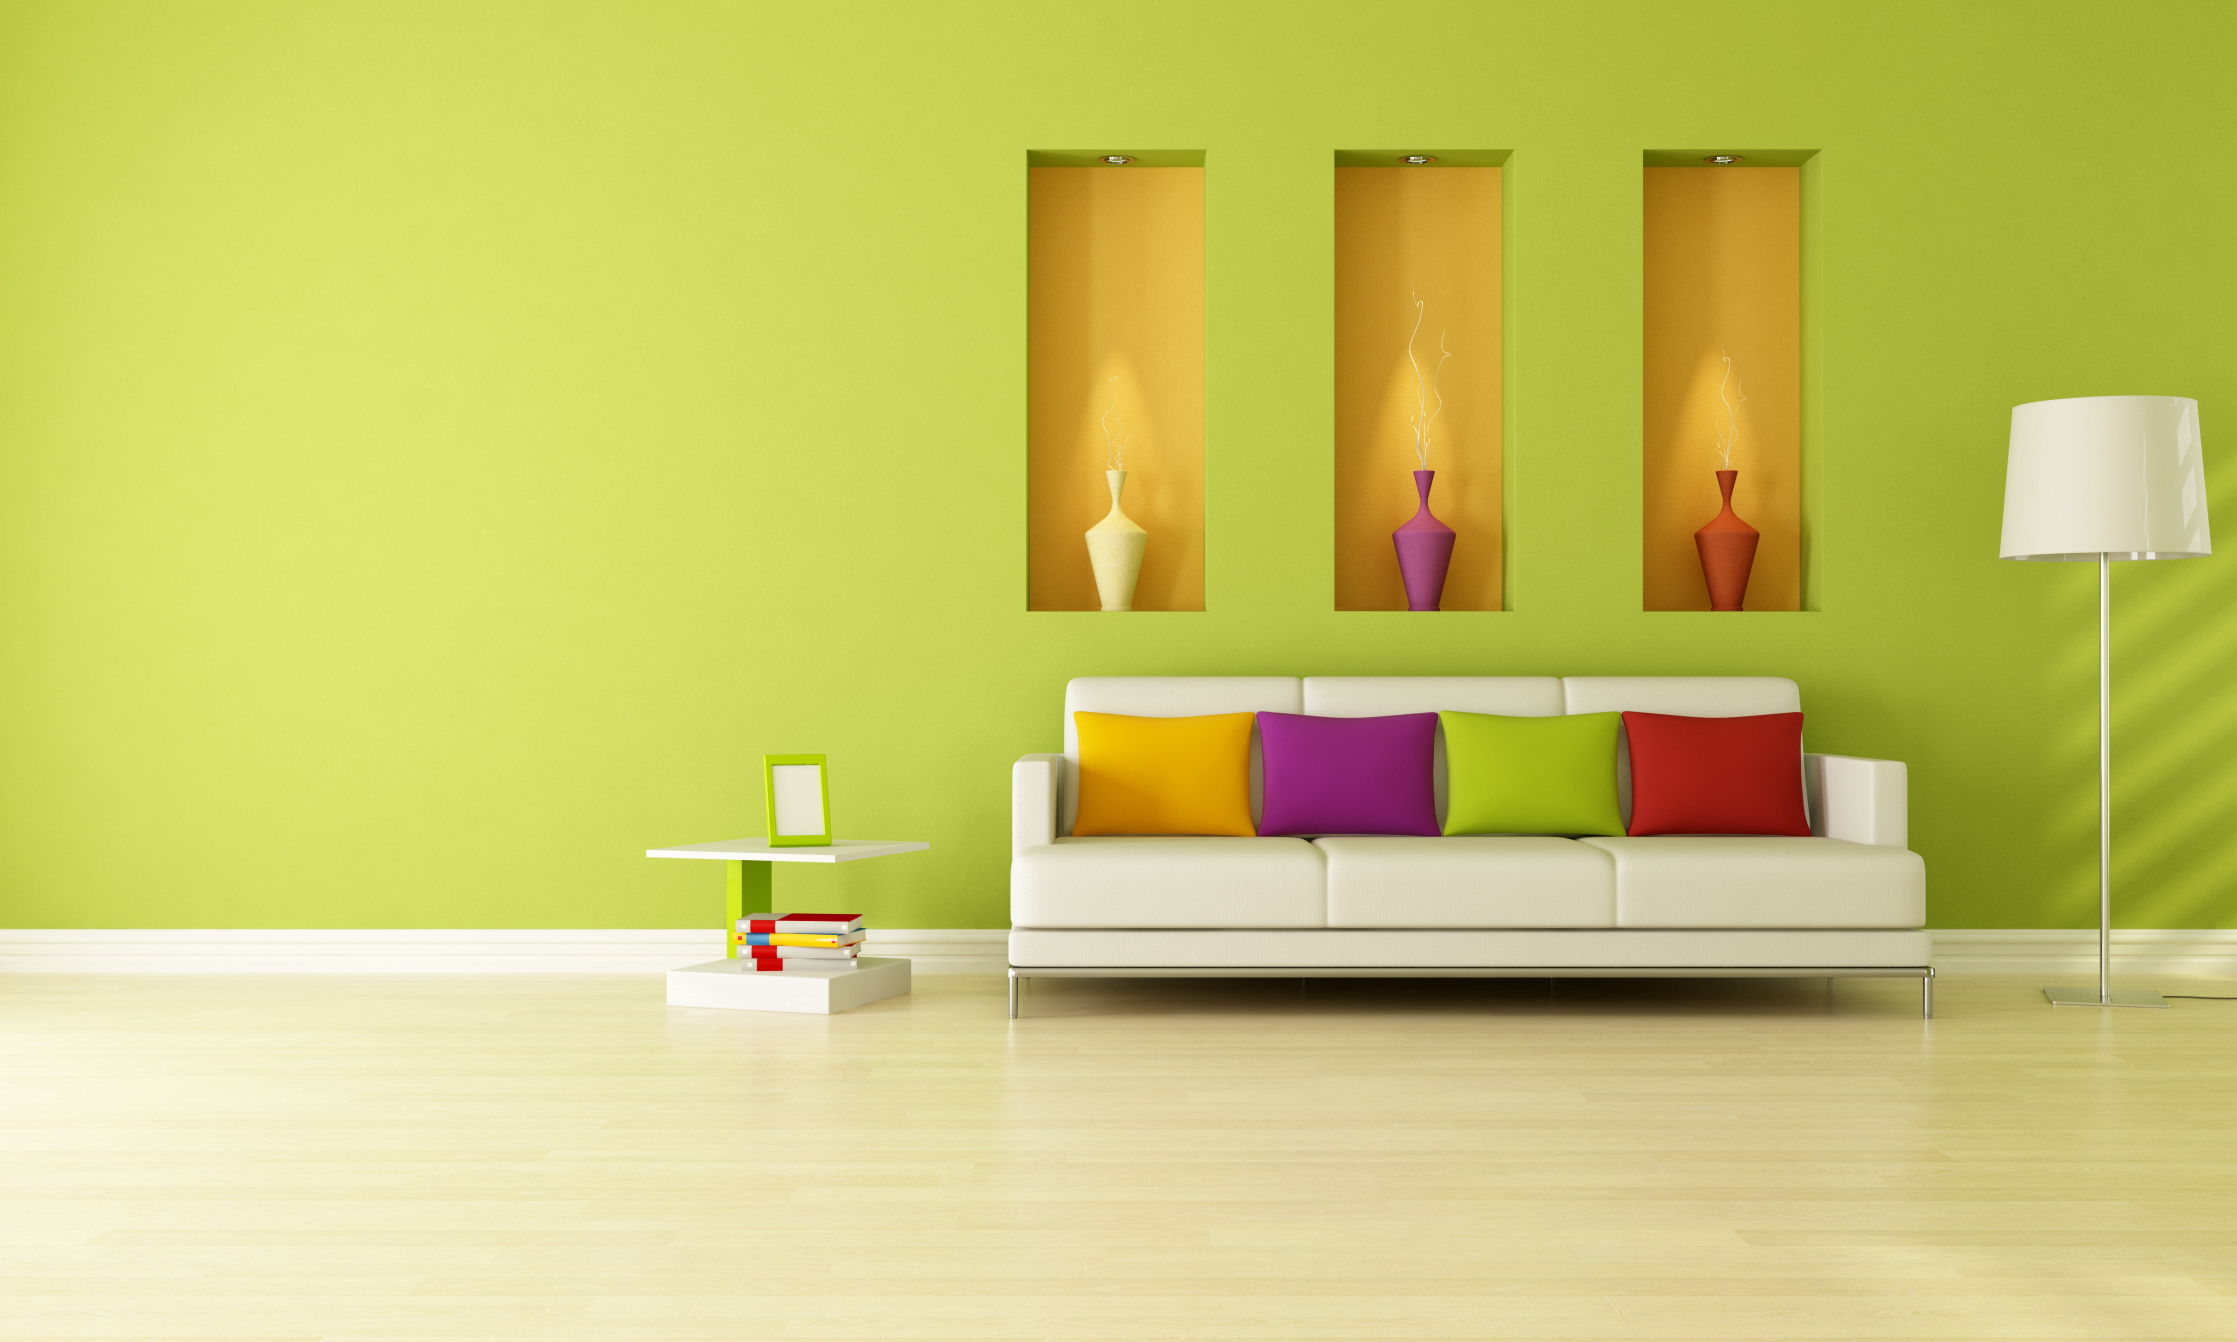 Cum sa incepi o afacere de design interior